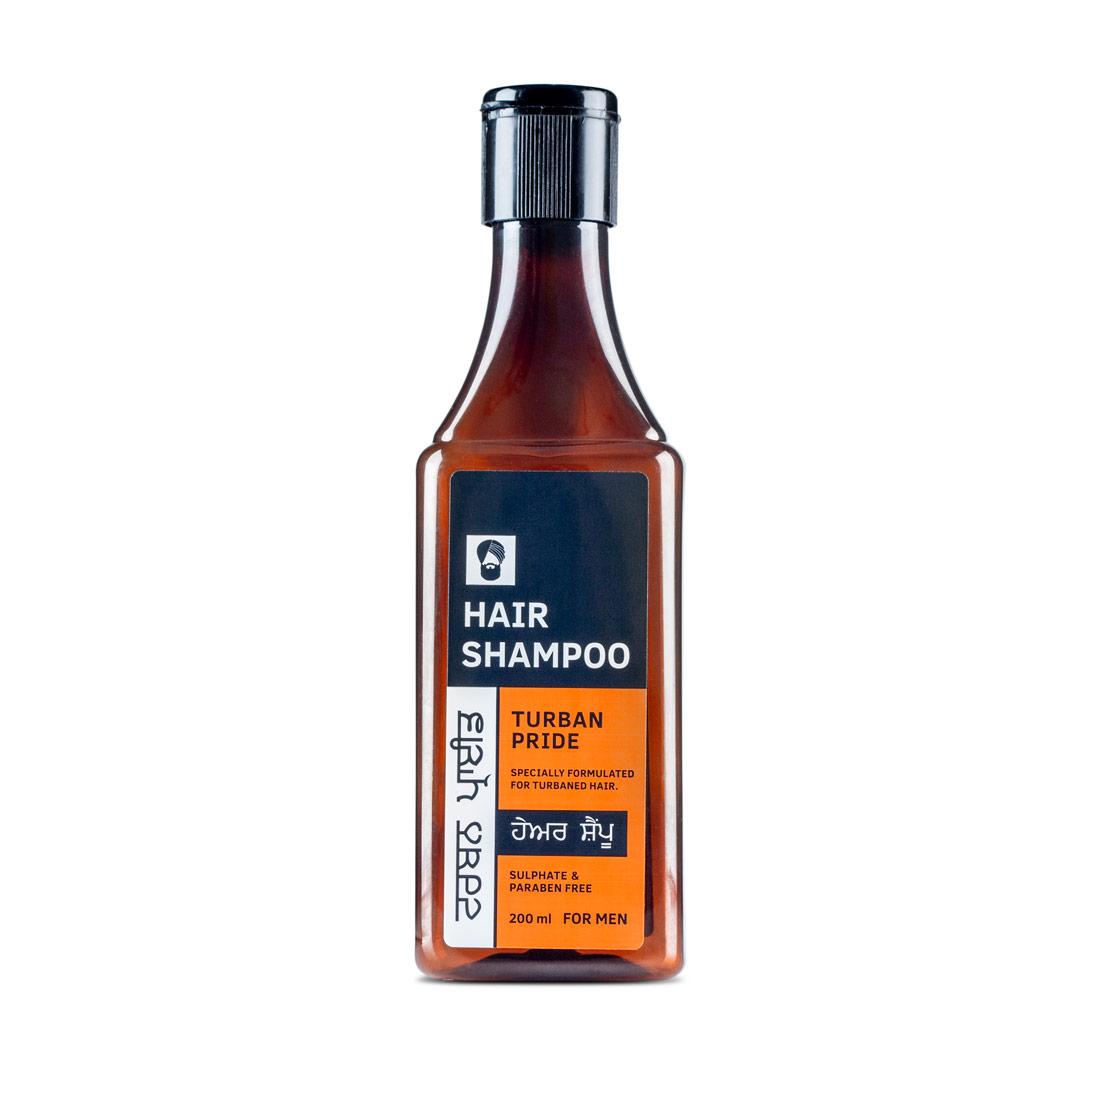 Turban Pride - Shampoo 200ml